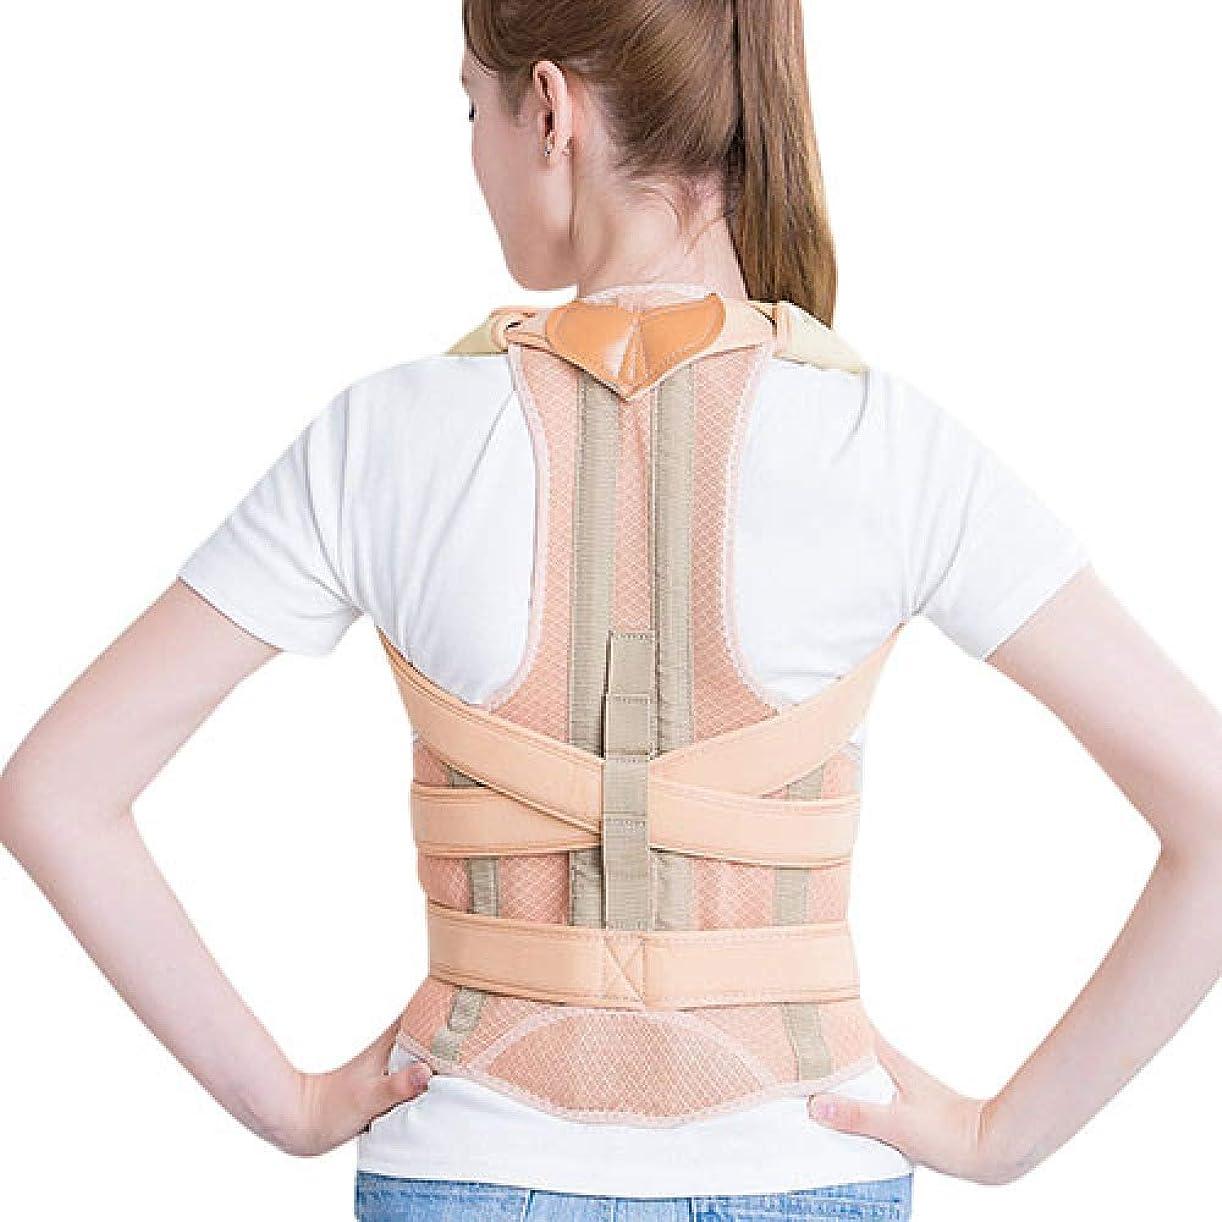 つかむ起きるシリンダーLINGYAO 背部矯正男性と女性の4つの補正ベルトの肩の圧力を和らげる快適な通気性の姿勢ブレース